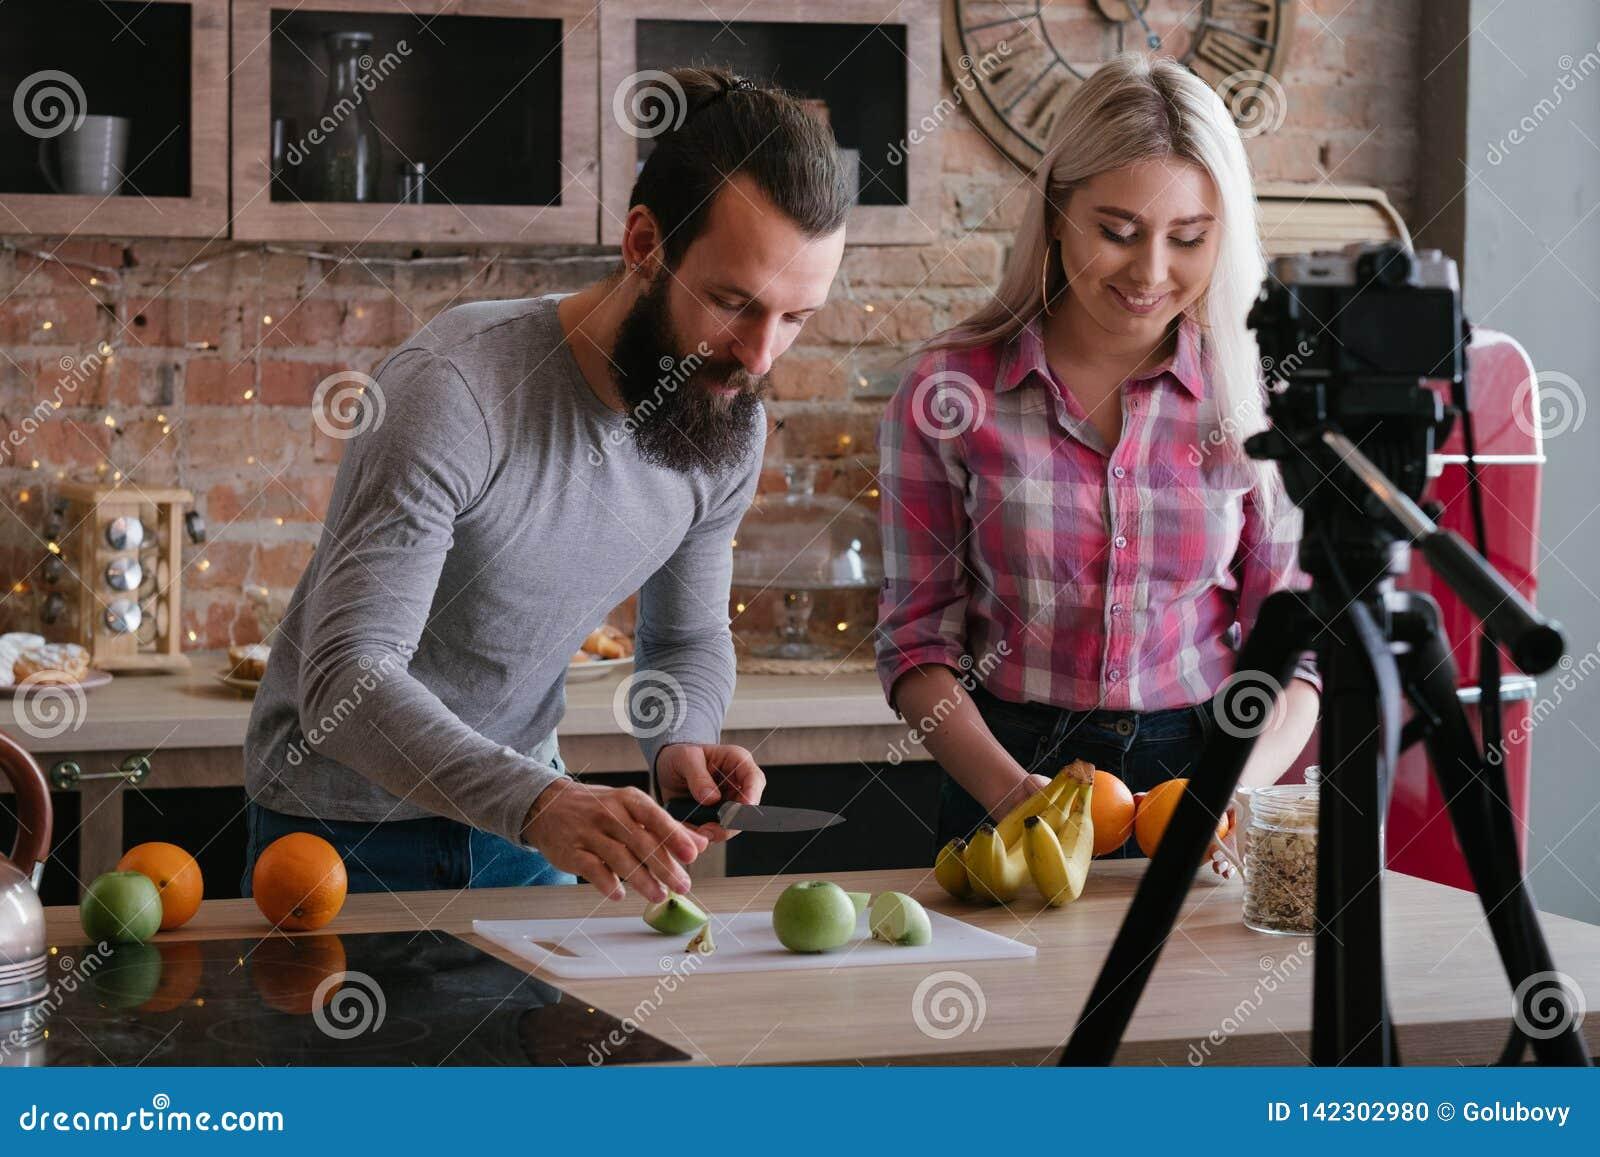 Vlog zdrowego odżywiania bloga pary karmowy wideo